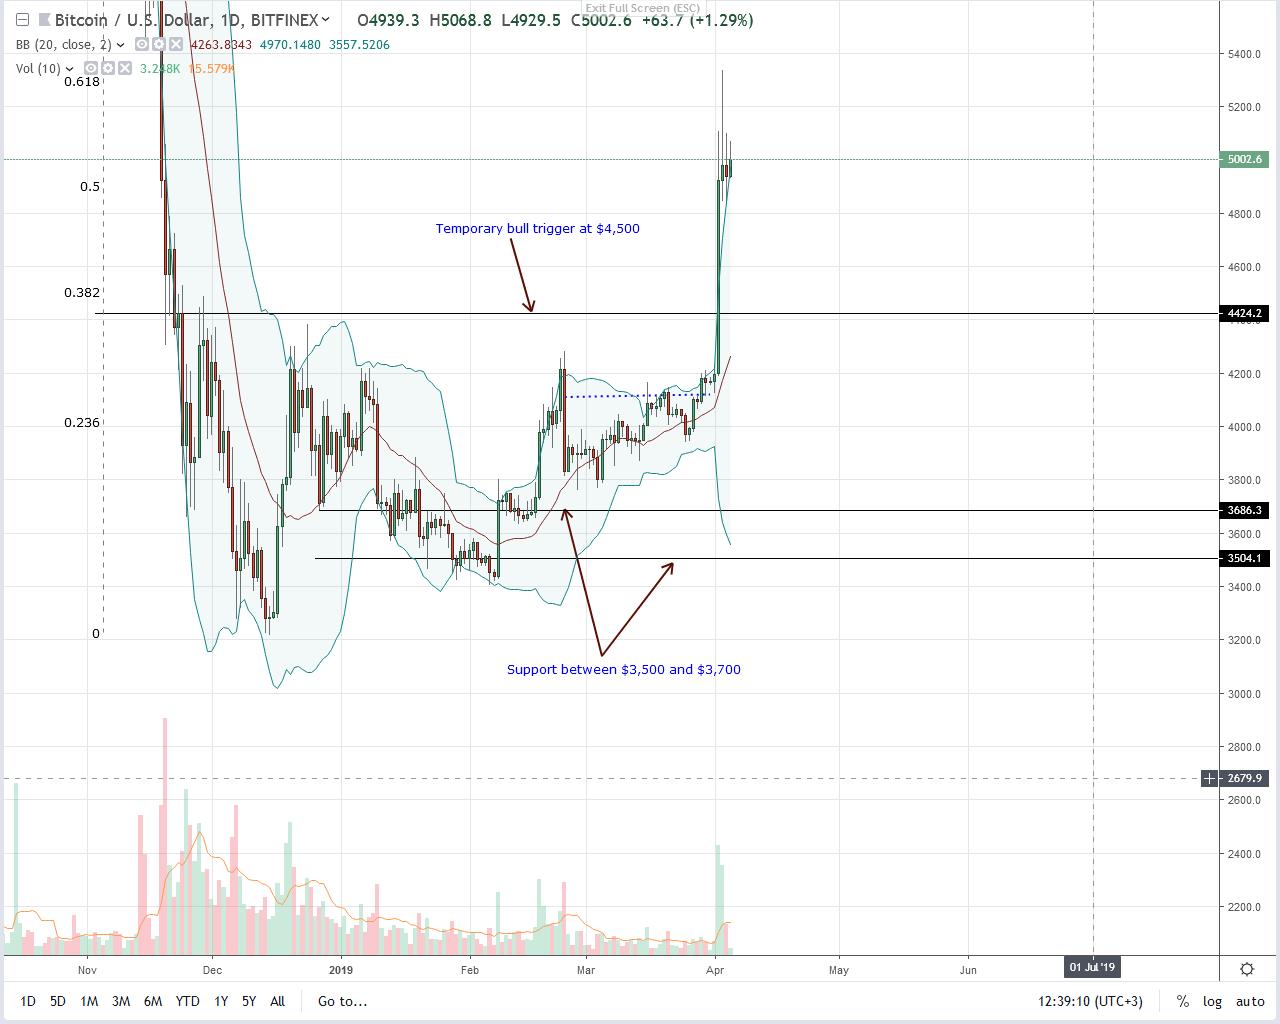 bitcoin btc price 05/04/2019